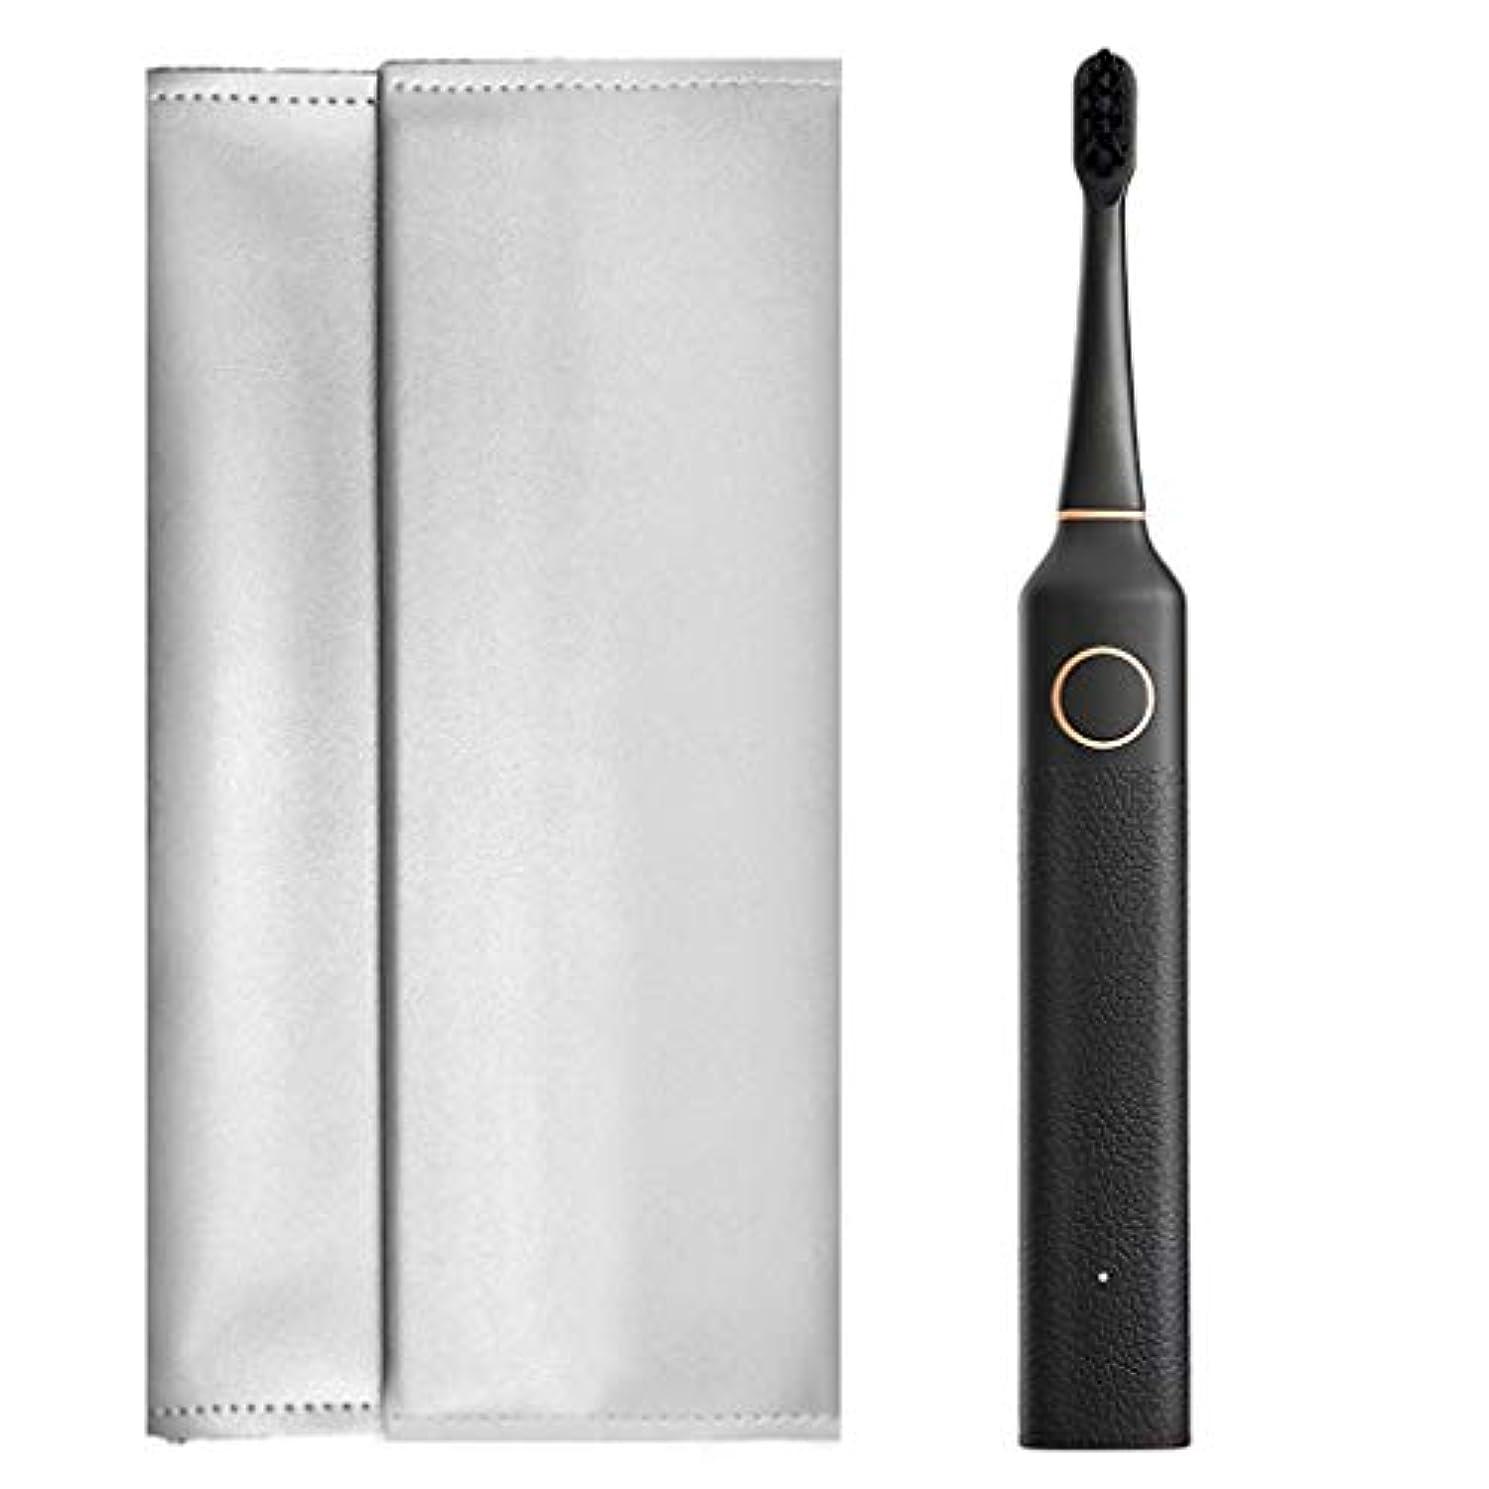 アーサー印象的砂大人の回転電動歯ブラシ、スマートタイマーと強力な電池寿命を備えた充電式歯ブラシ (色 : D)